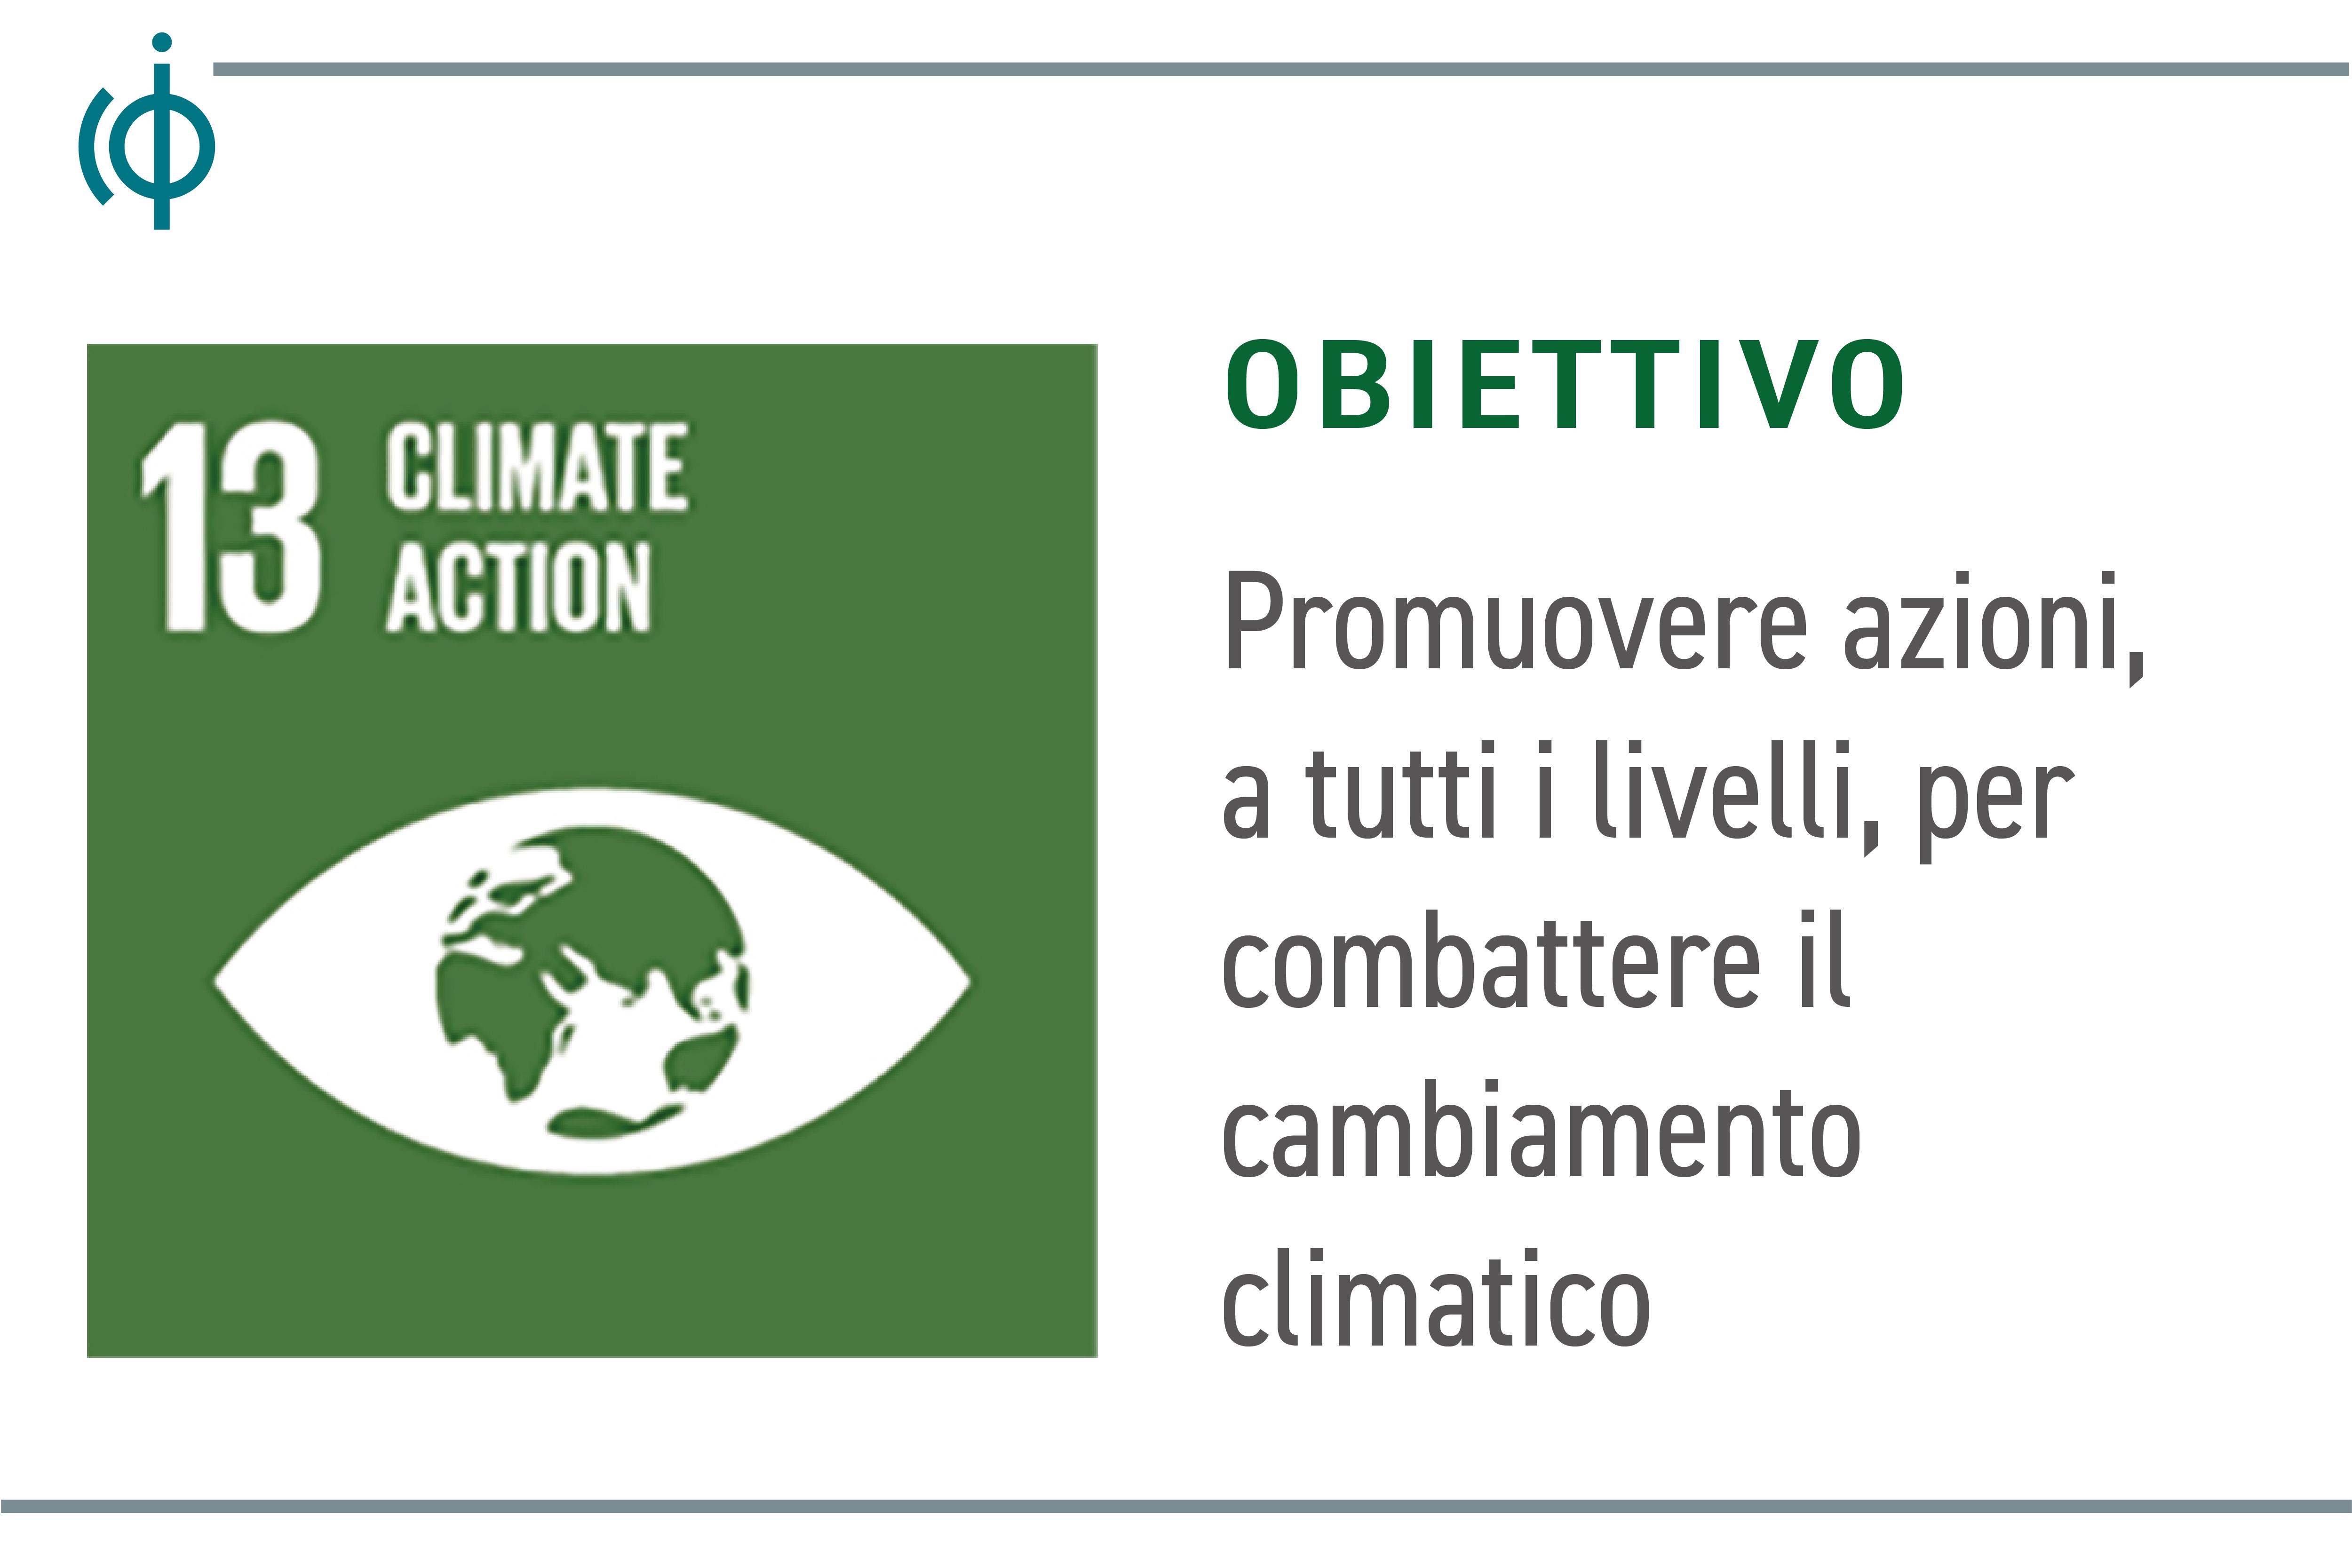 lotta cambiamento climatico